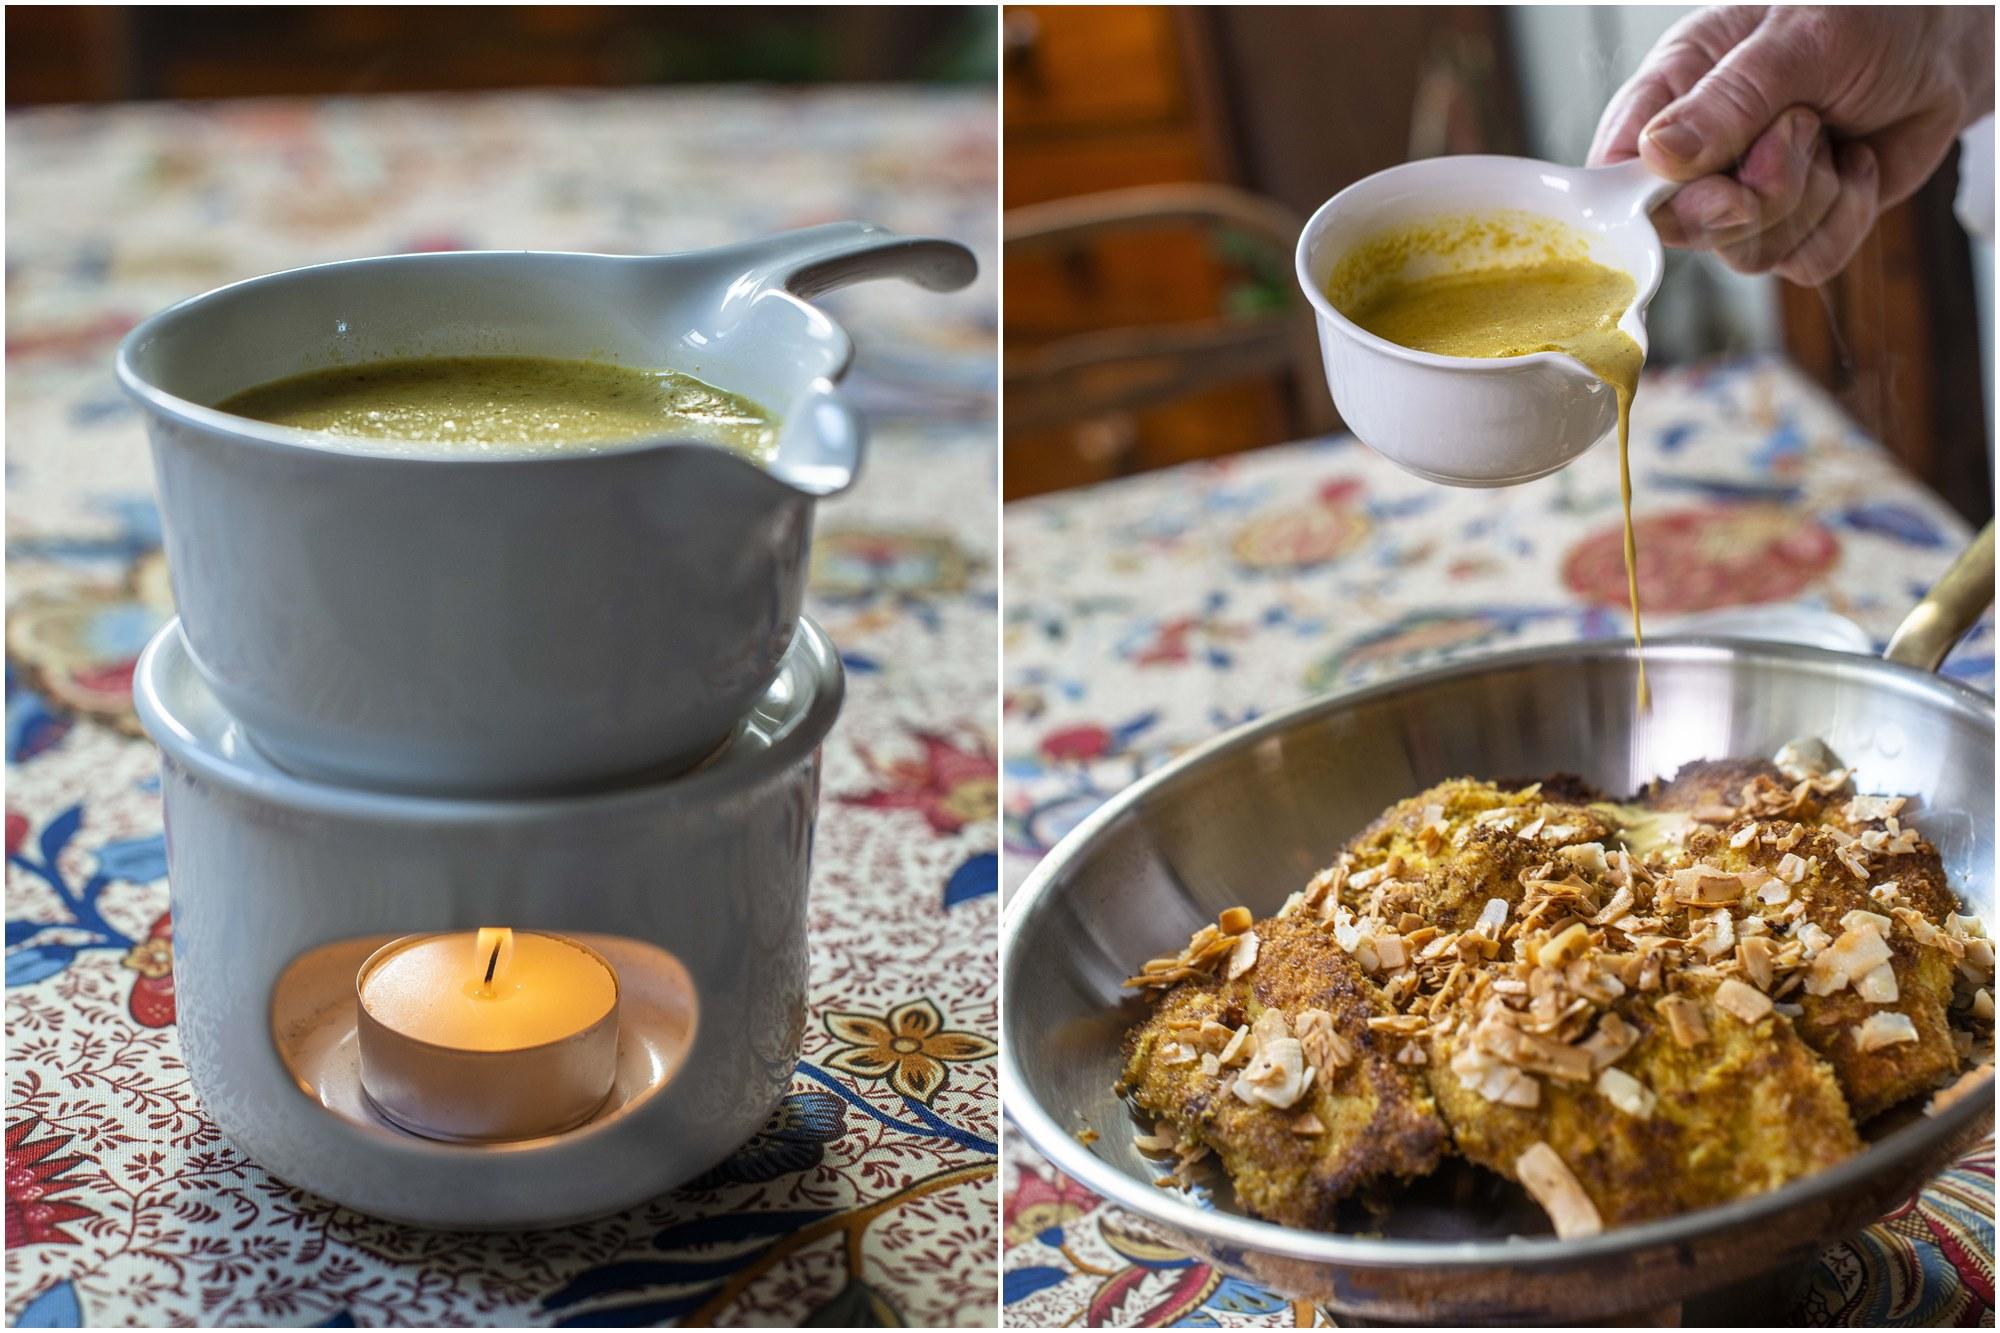 Existen diferentes mecanismos para mantener calientes los platos que necesitemos.